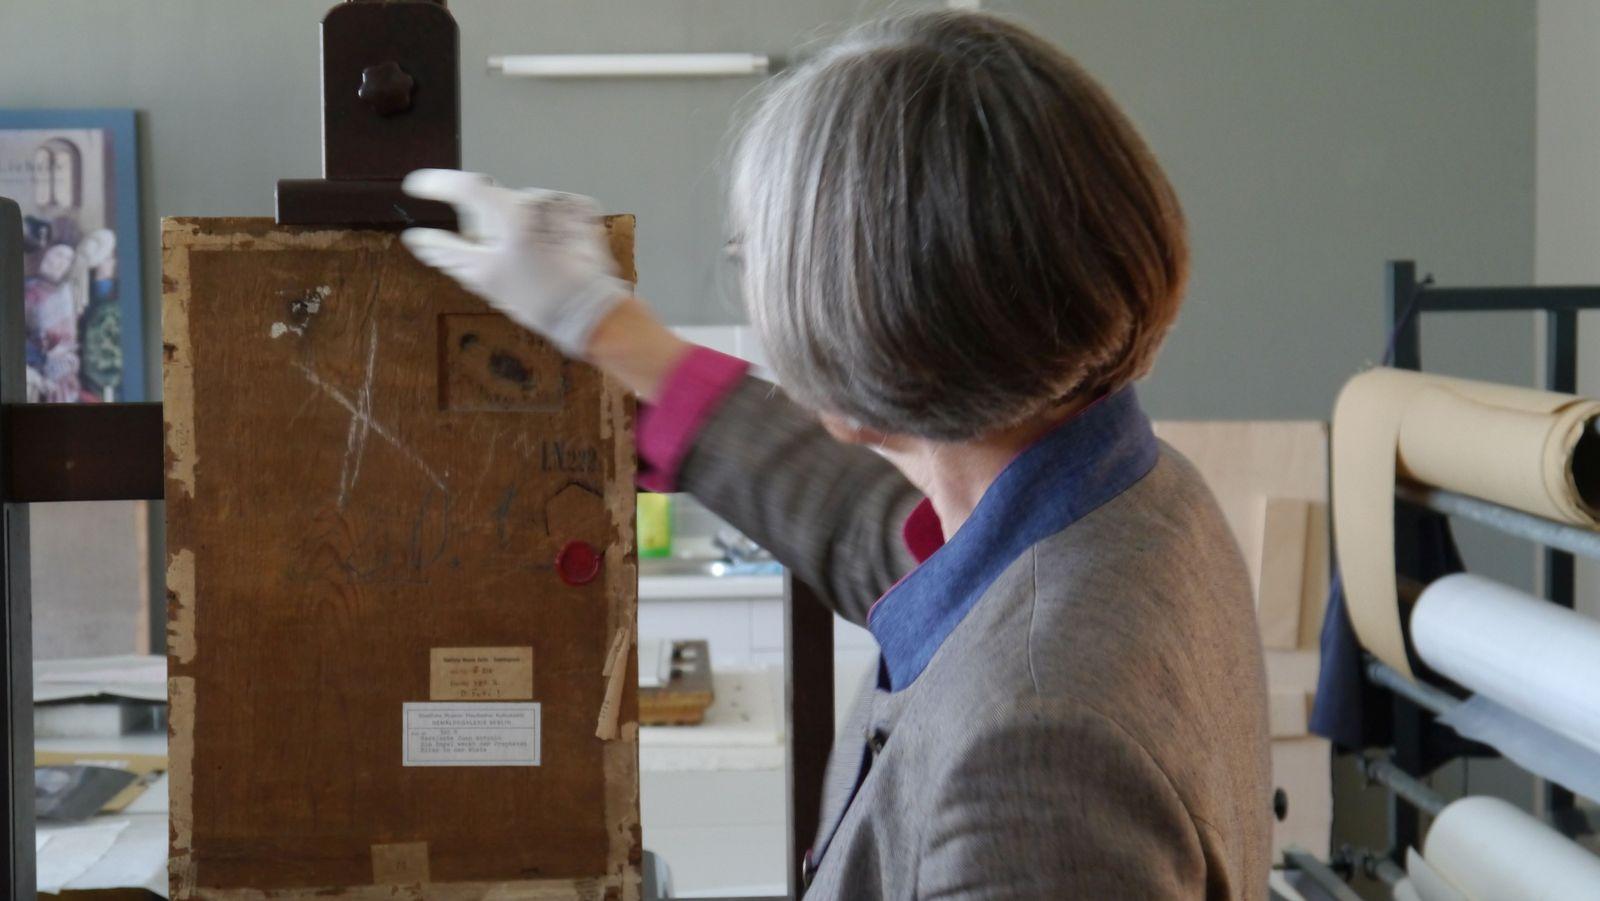 Die Rückseite offenbarte laut Babette Hartwieg, dass es sich beim Bildträger wahrscheinlich um eine Tür handelte. Foto: SMB / Sven Stienen